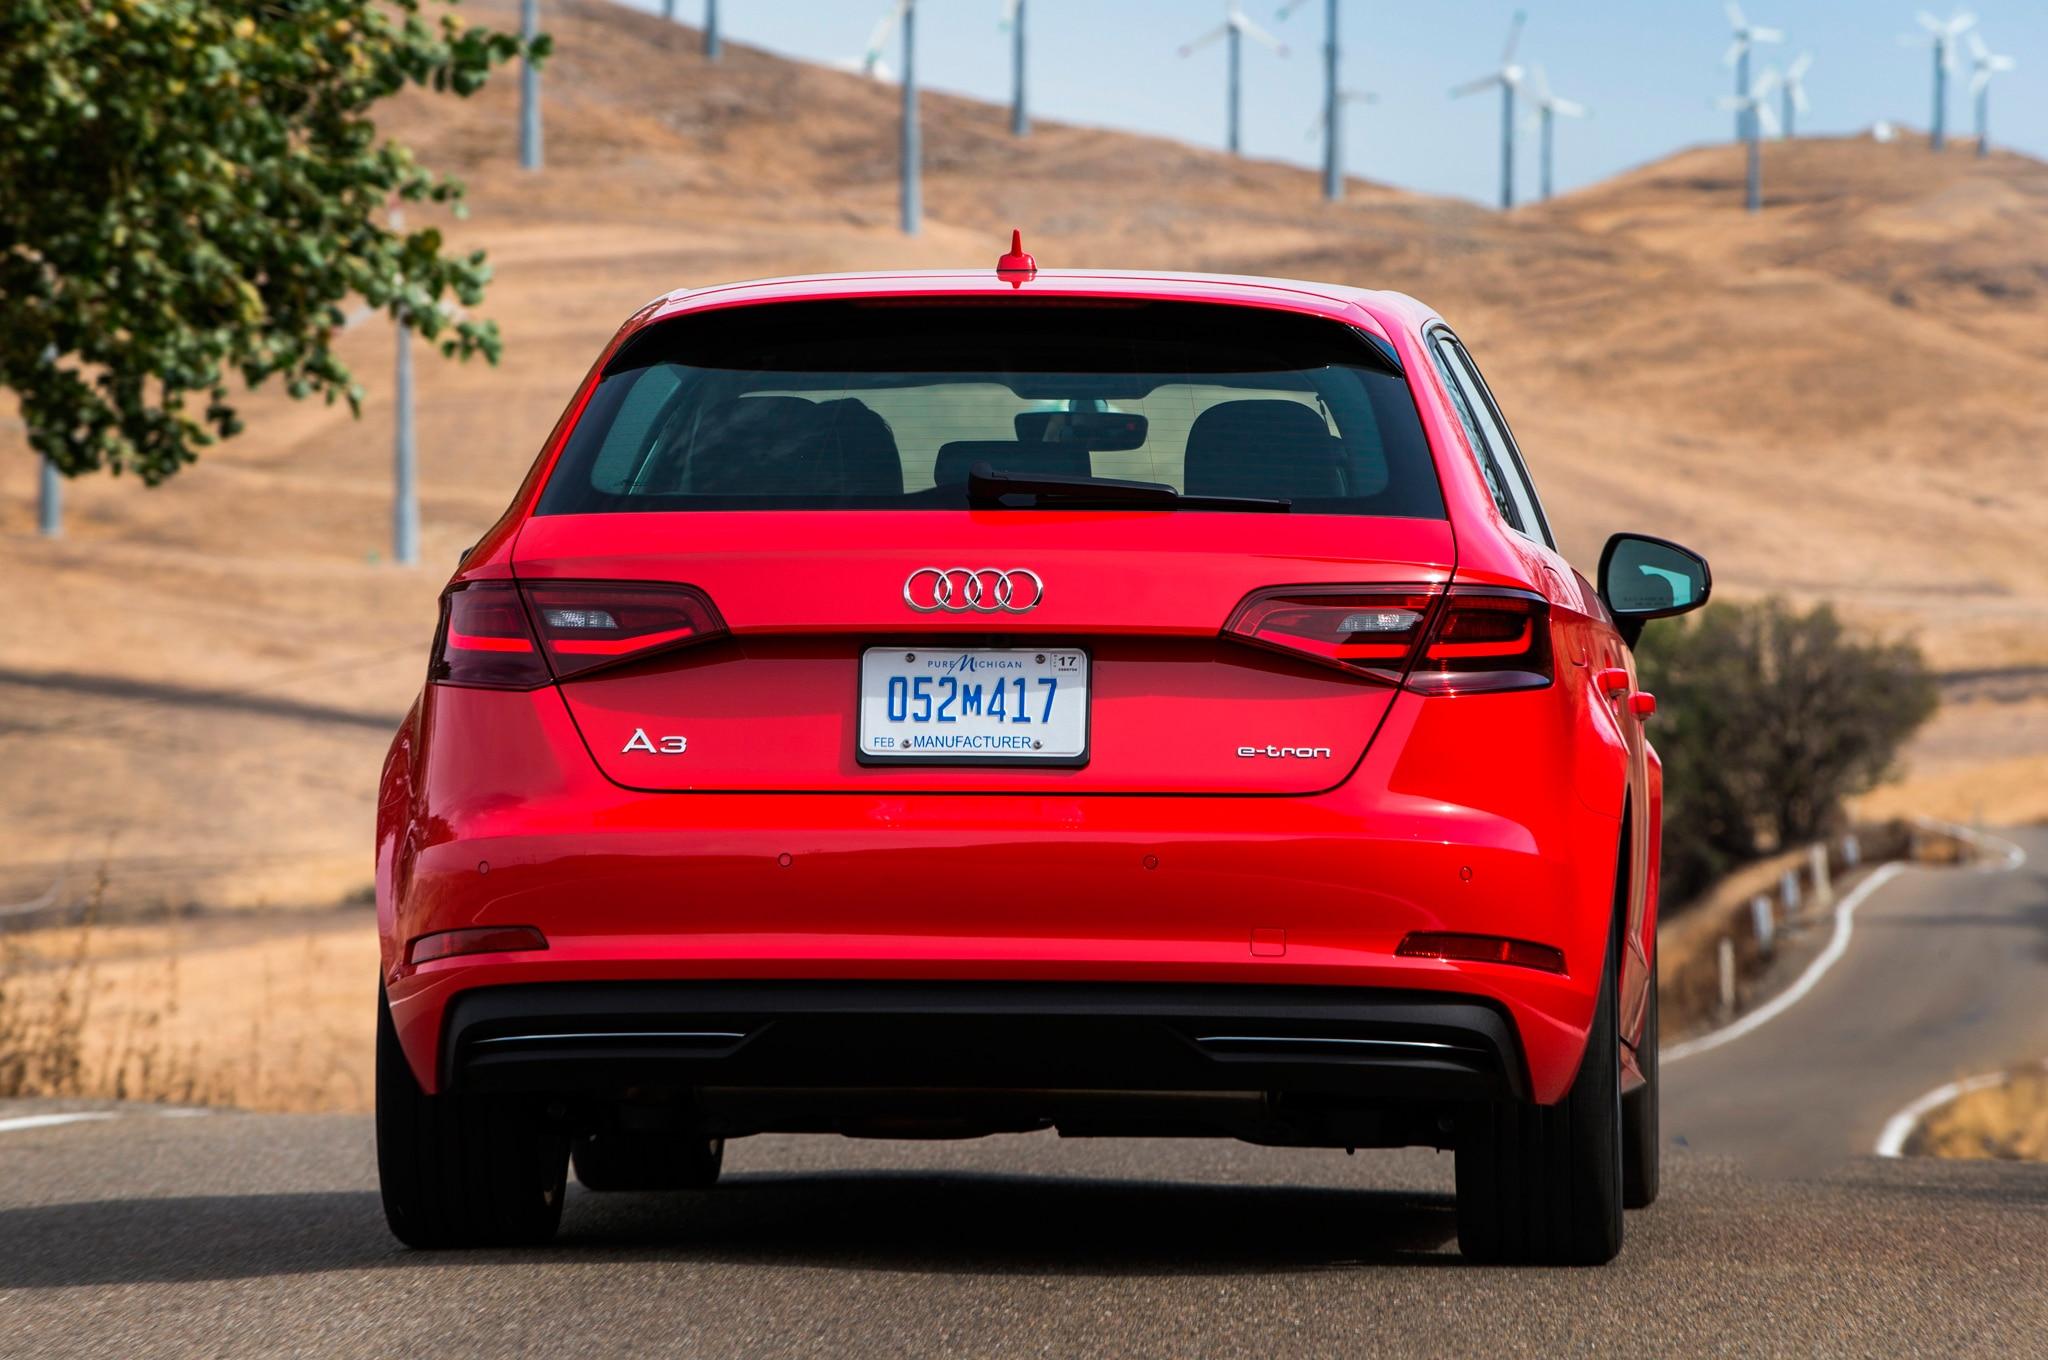 2016 Audi A3 Sportback e-tron Review